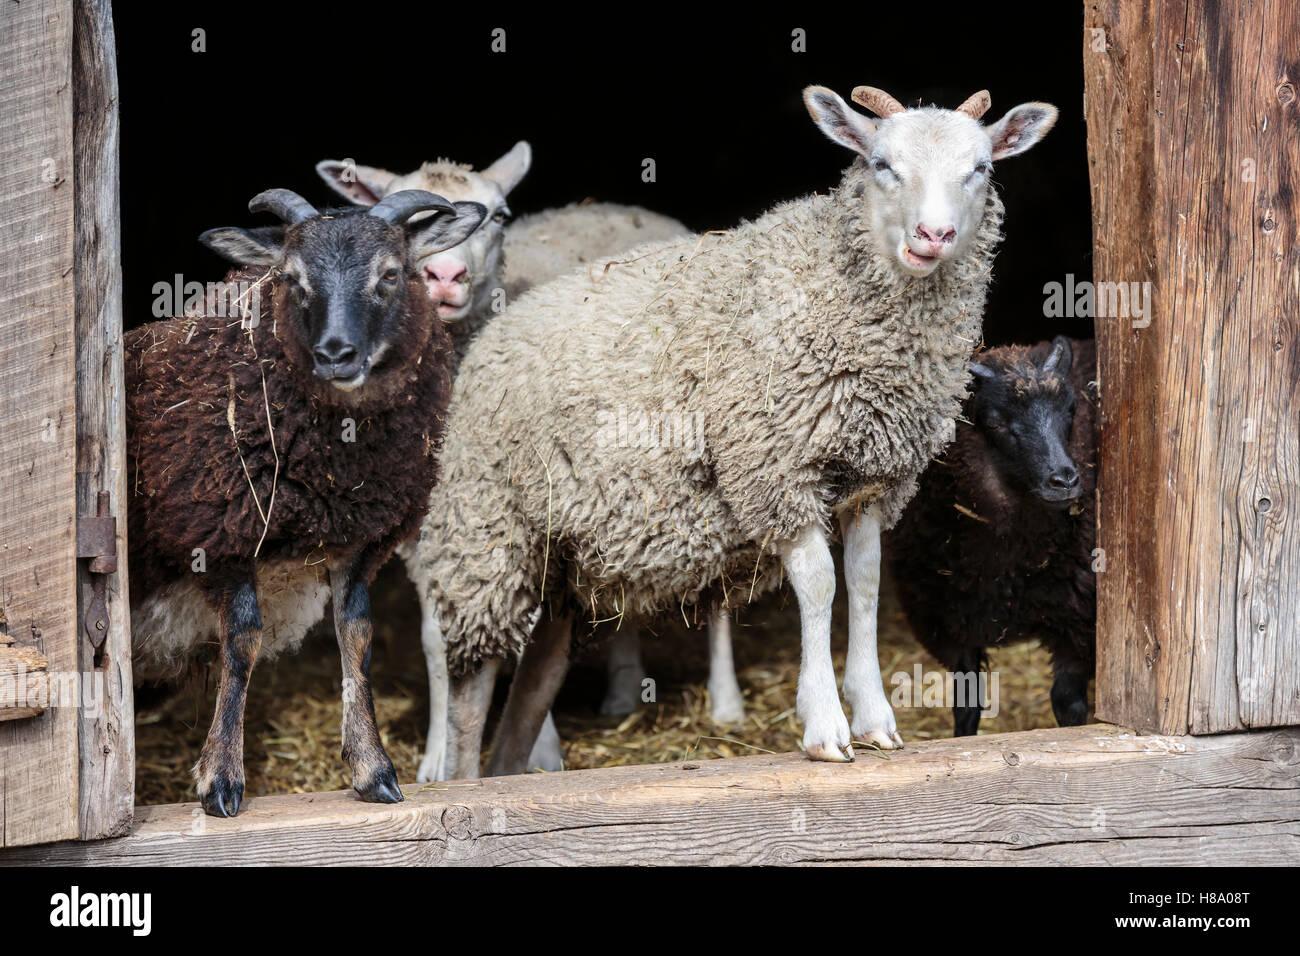 Ovejas ovejas domésticas en un granero, Ontario, Canadá. Imagen De Stock